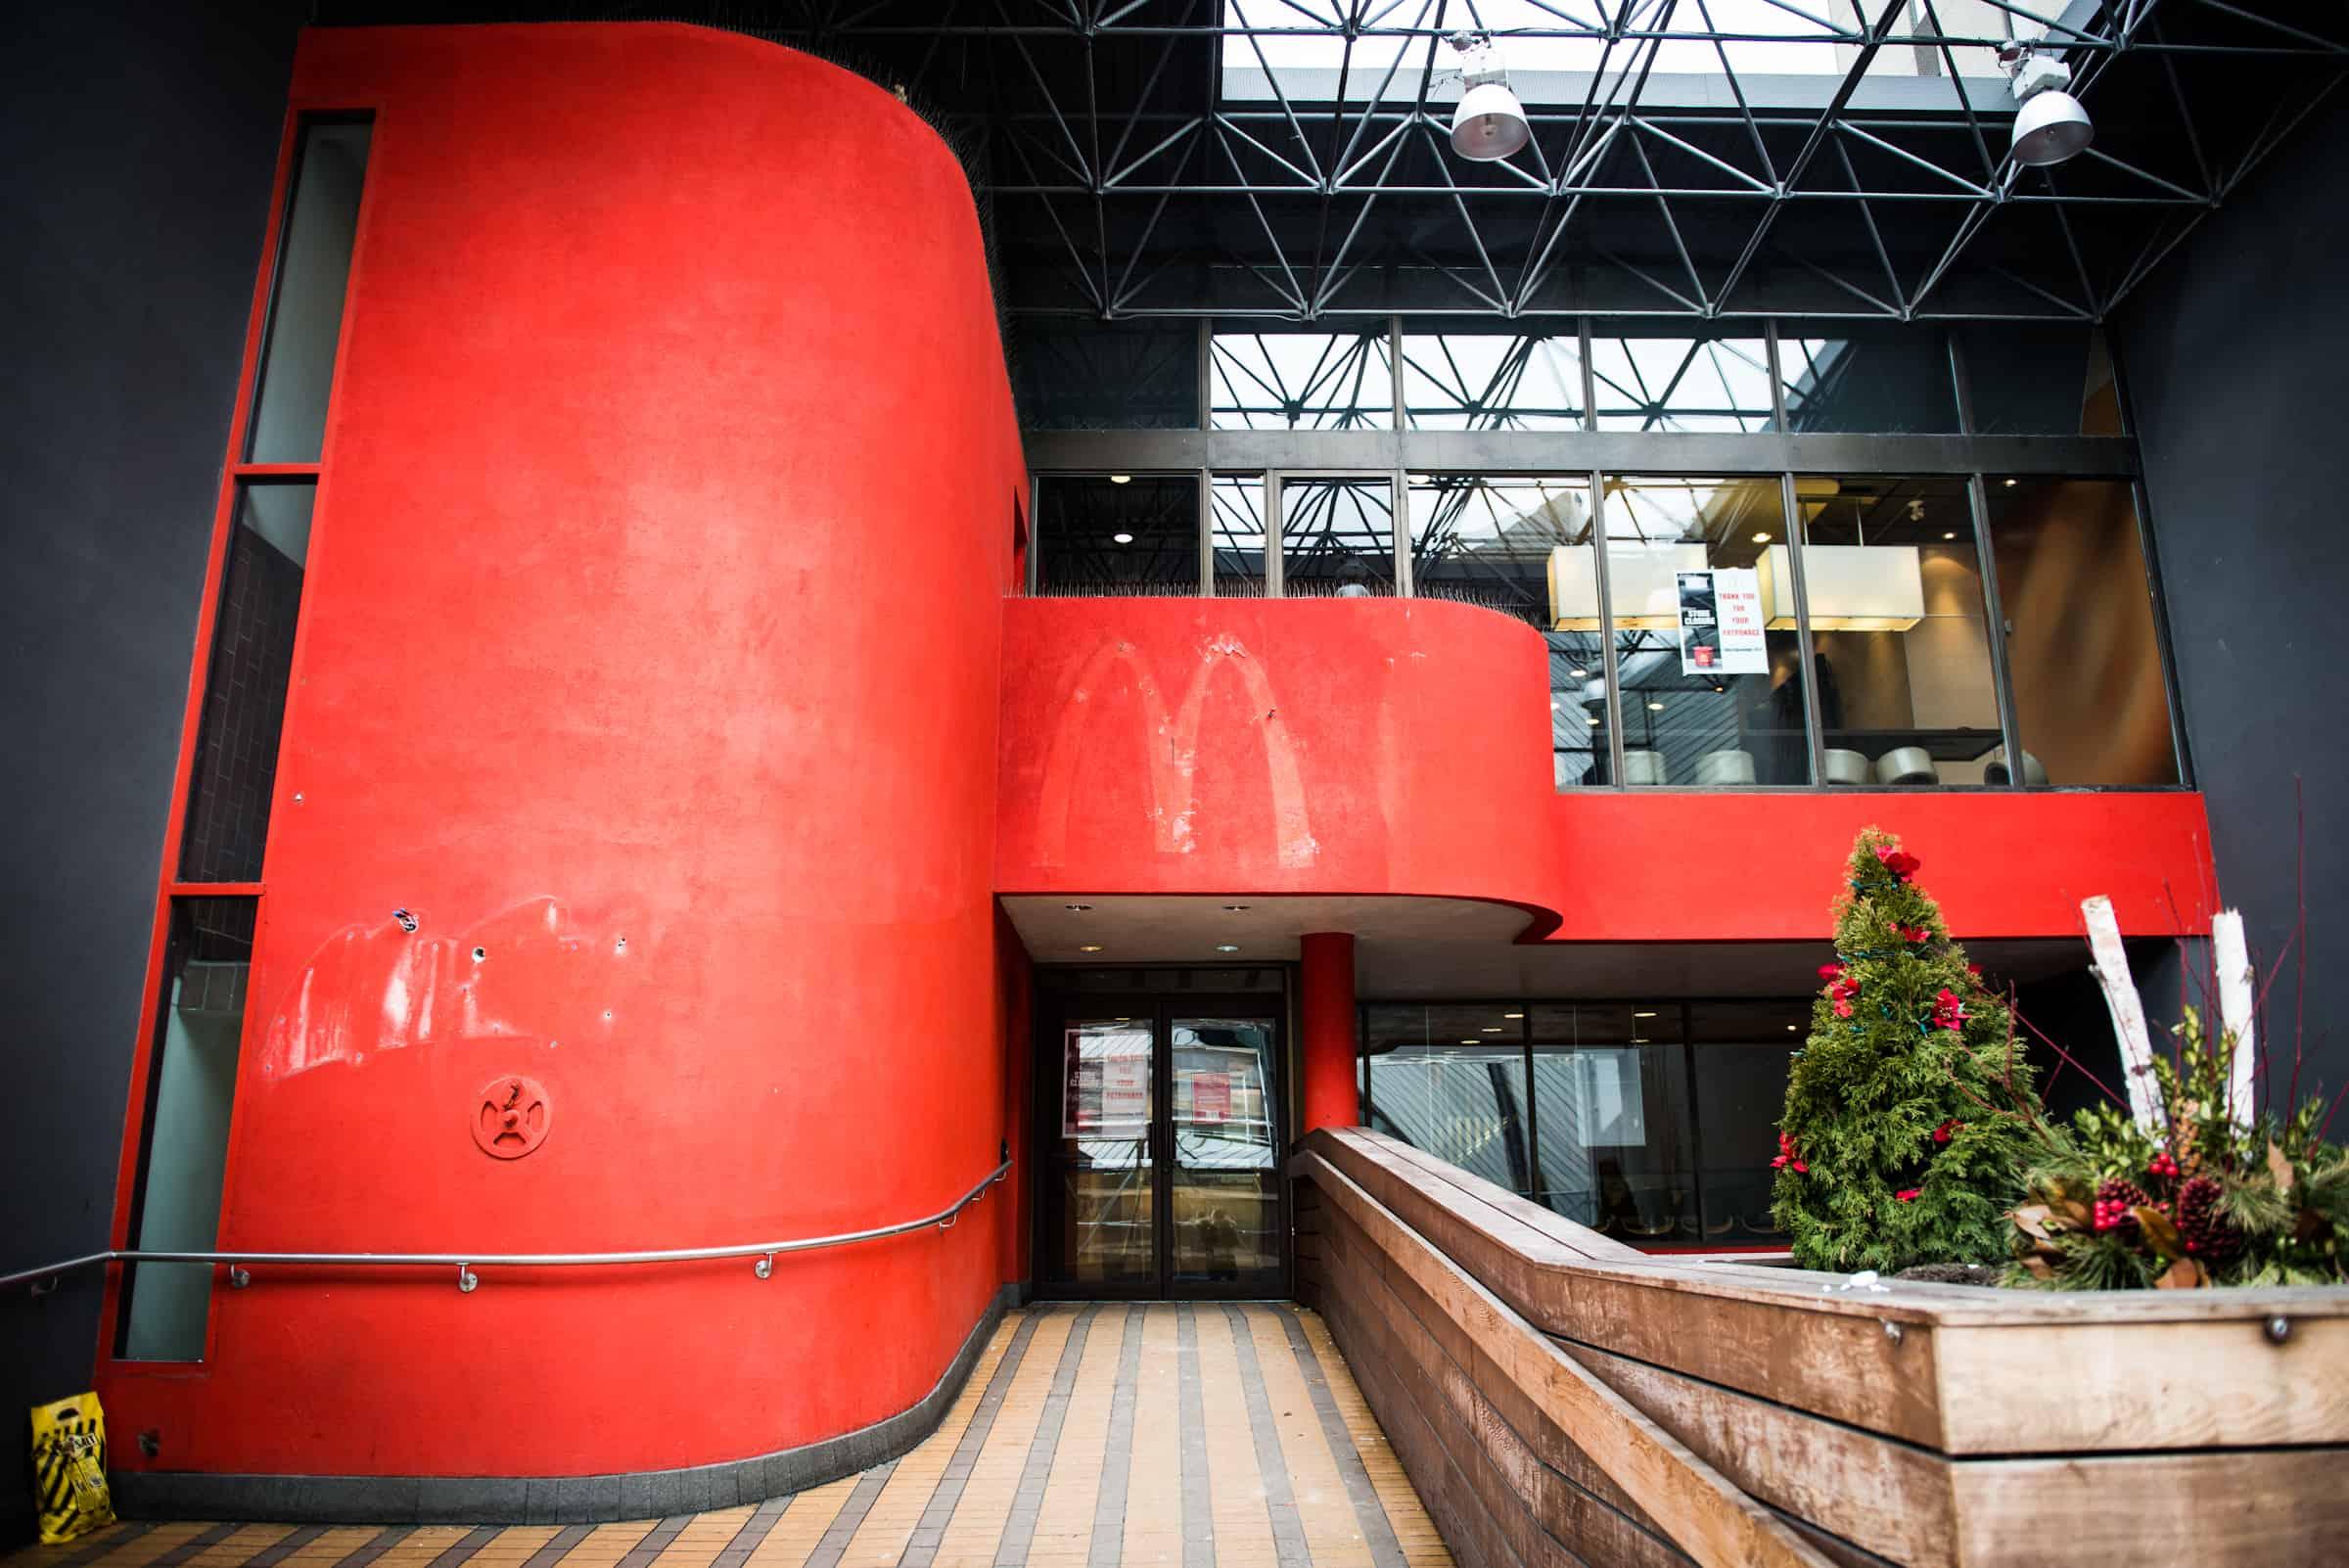 Bloor McDonald's location shuttered